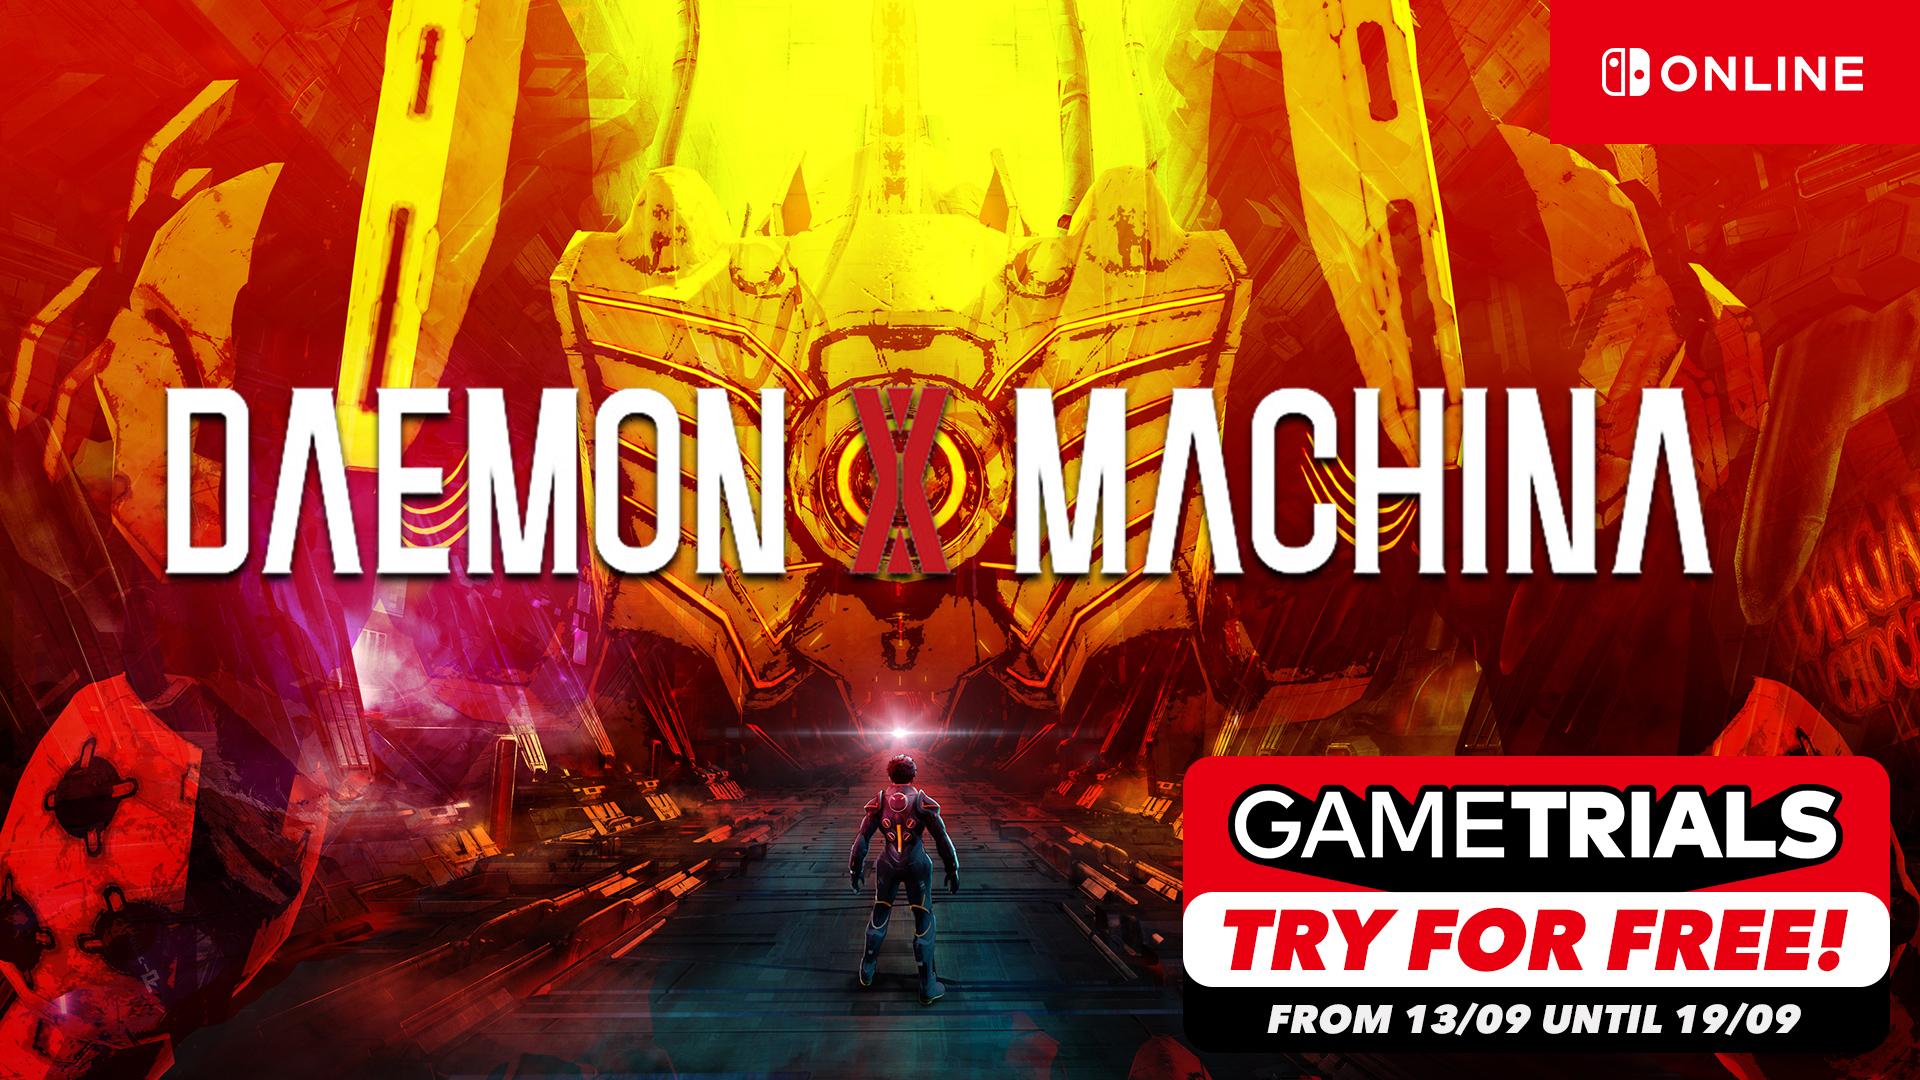 daemon x machina switch trial